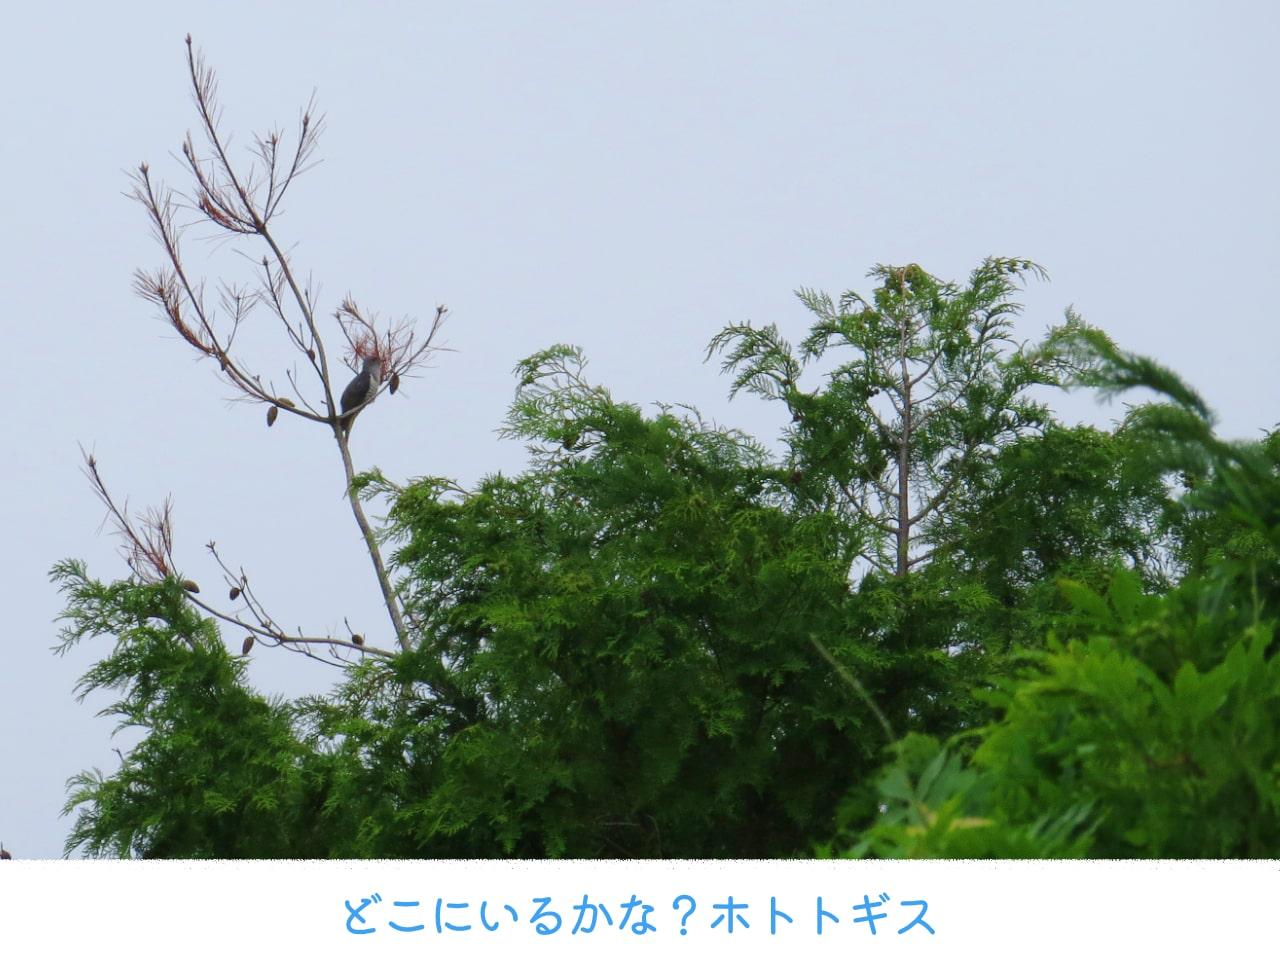 遠くの木の上にいるホトトギス